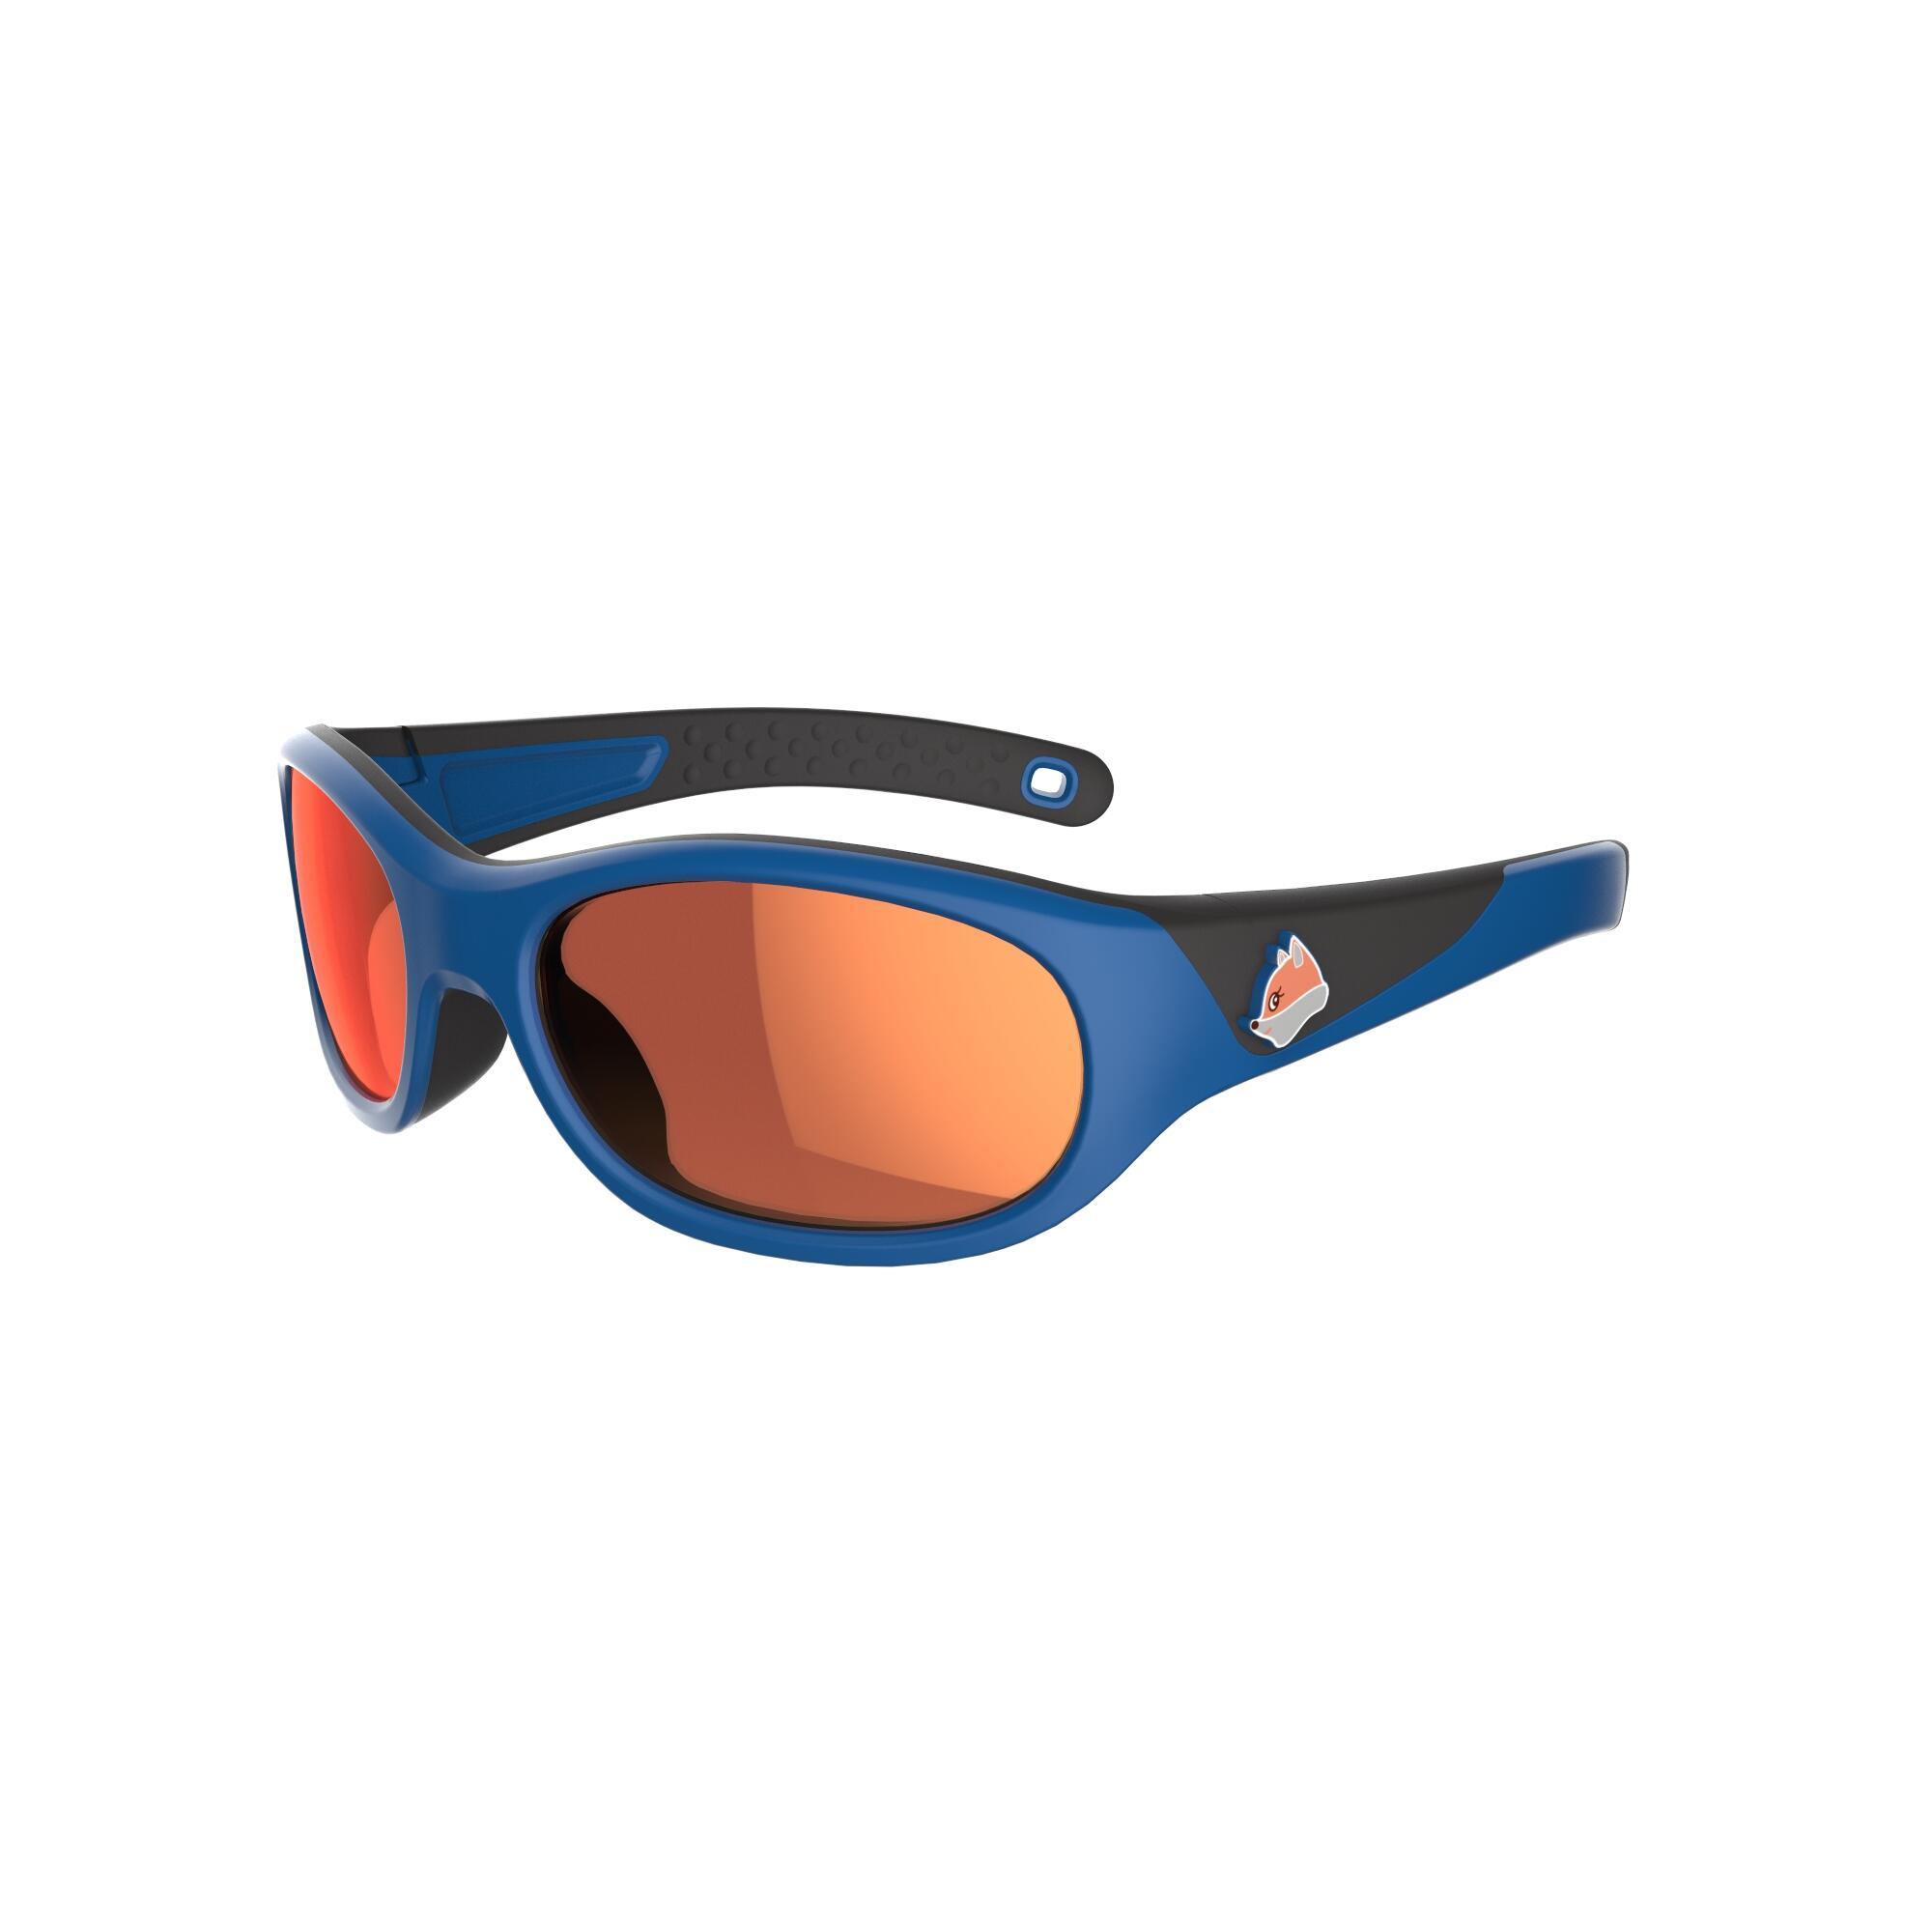 Quechua Zonnebril trekking voor kinderen 4-6 jaar MH K 900 blauw - oranje categorie 4